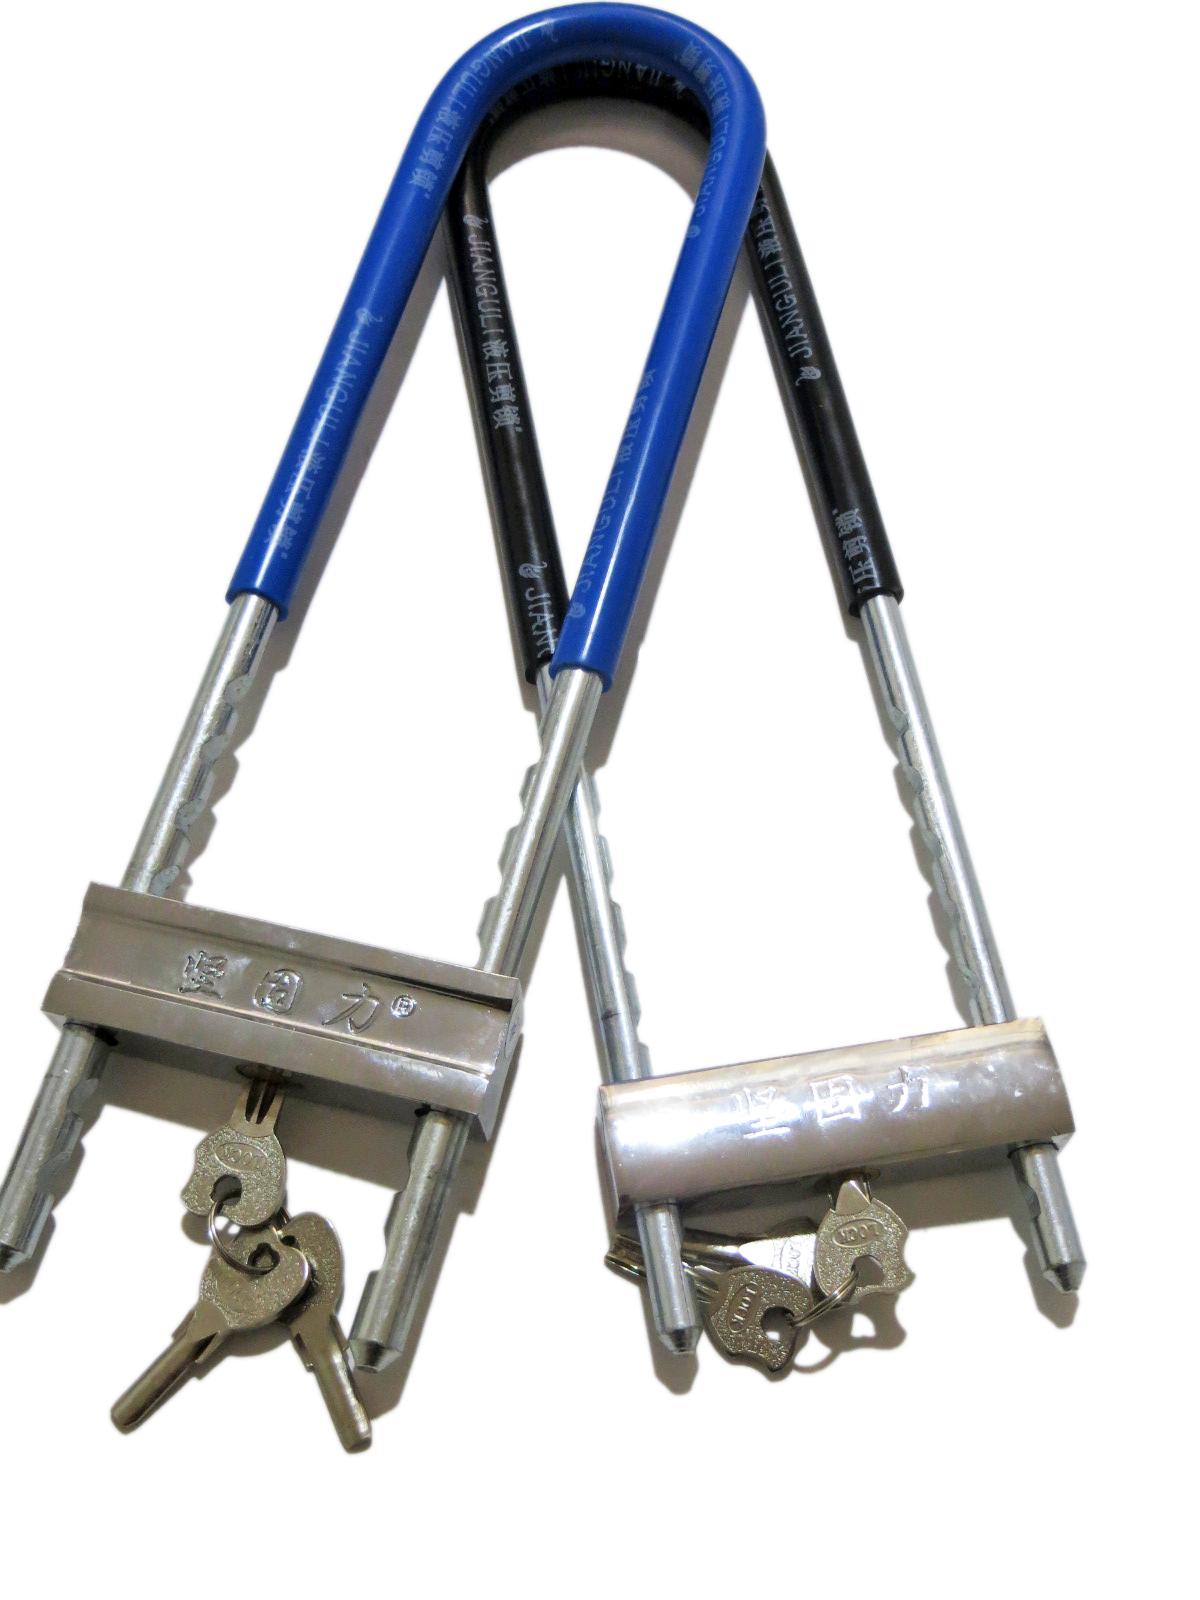 厂家直销502玻璃门锁商铺门锁摩托车锁加长u型锁加工订做门锁 玻璃门U型锁供货商